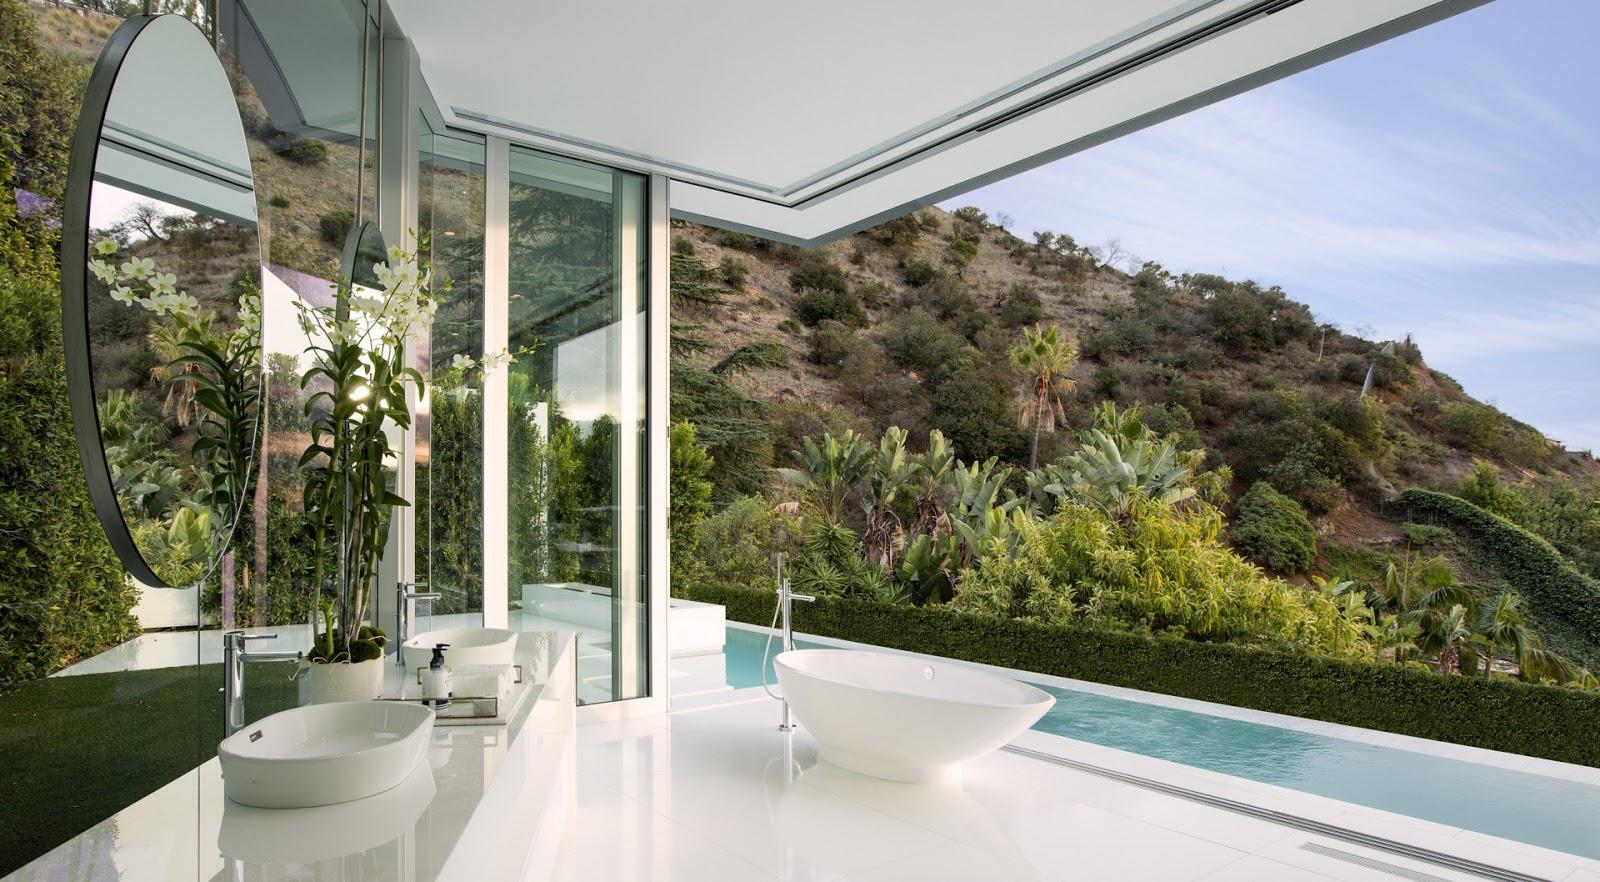 Blog de Decoração e Arquitetura : 3 Banheiros com paredes de vidro  #6C6A3D 1600x882 Banheiro Com Parede De Vidro Para O Quarto